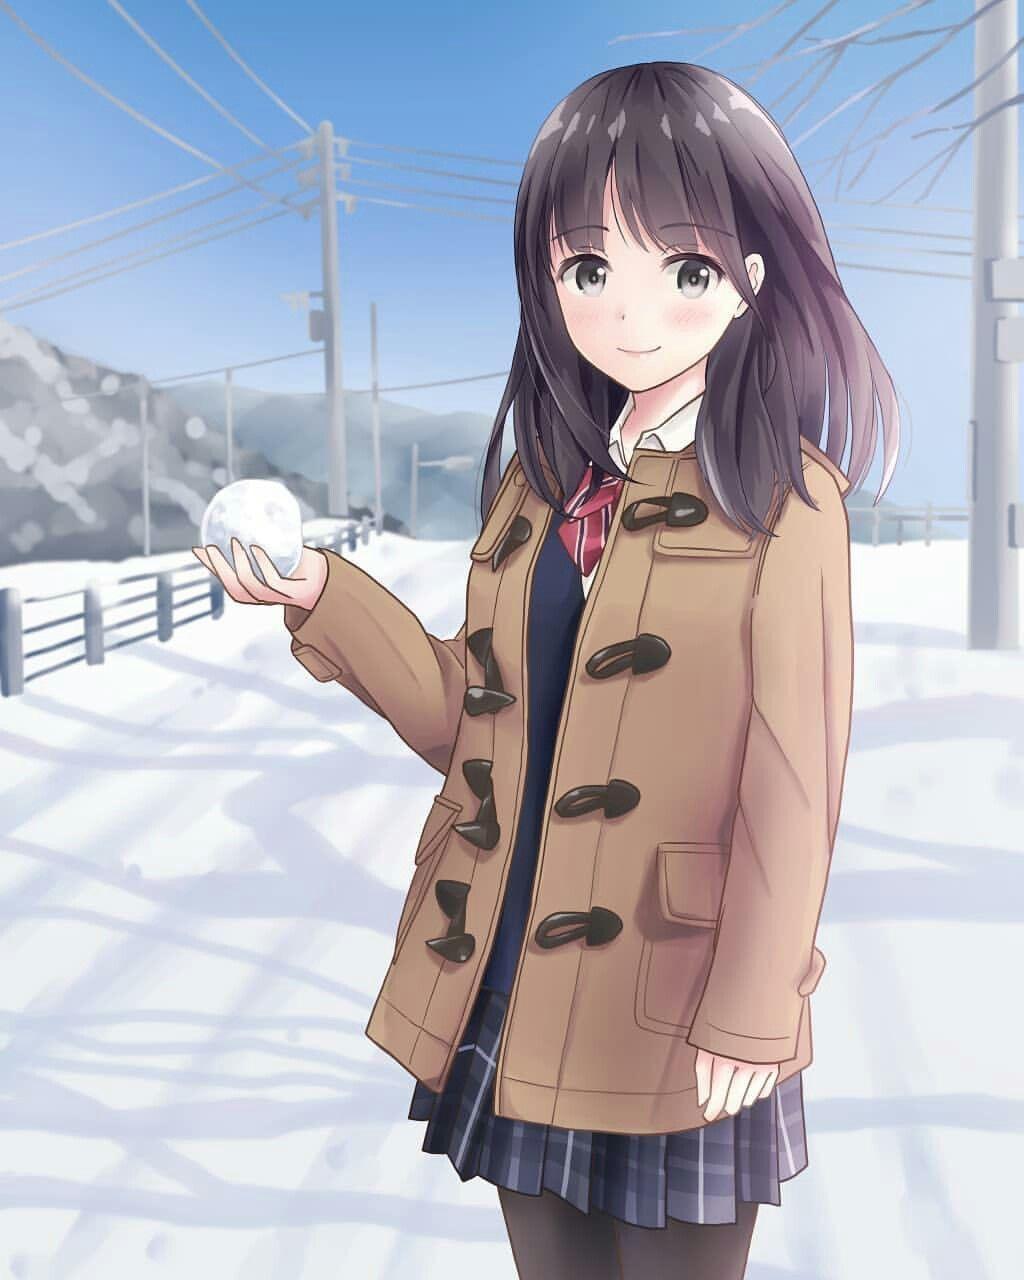 Anime❄ Snow ❄ Rain